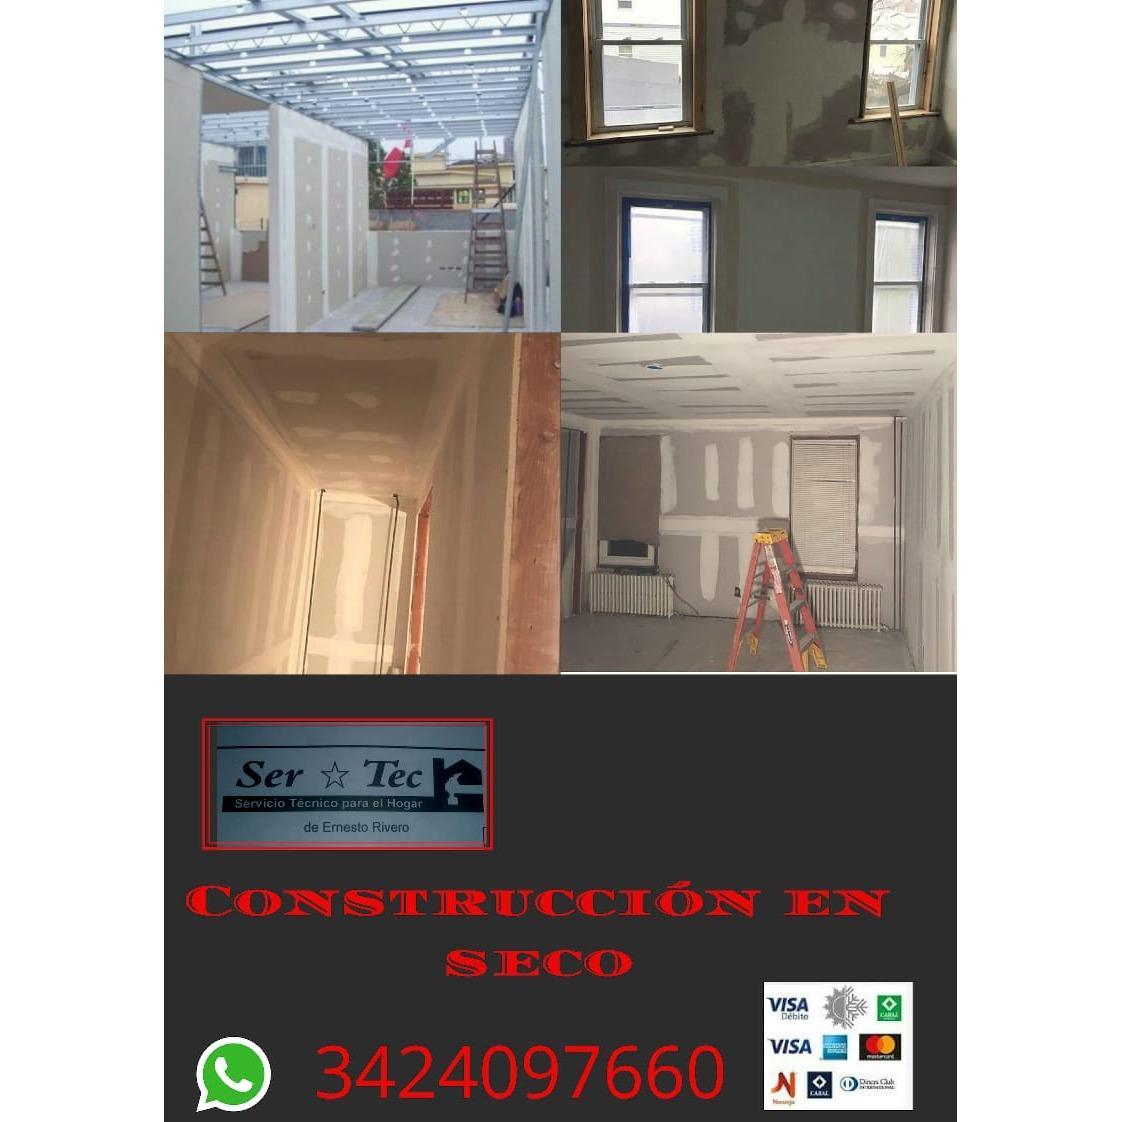 SER - TEC (servicios para el hogar)